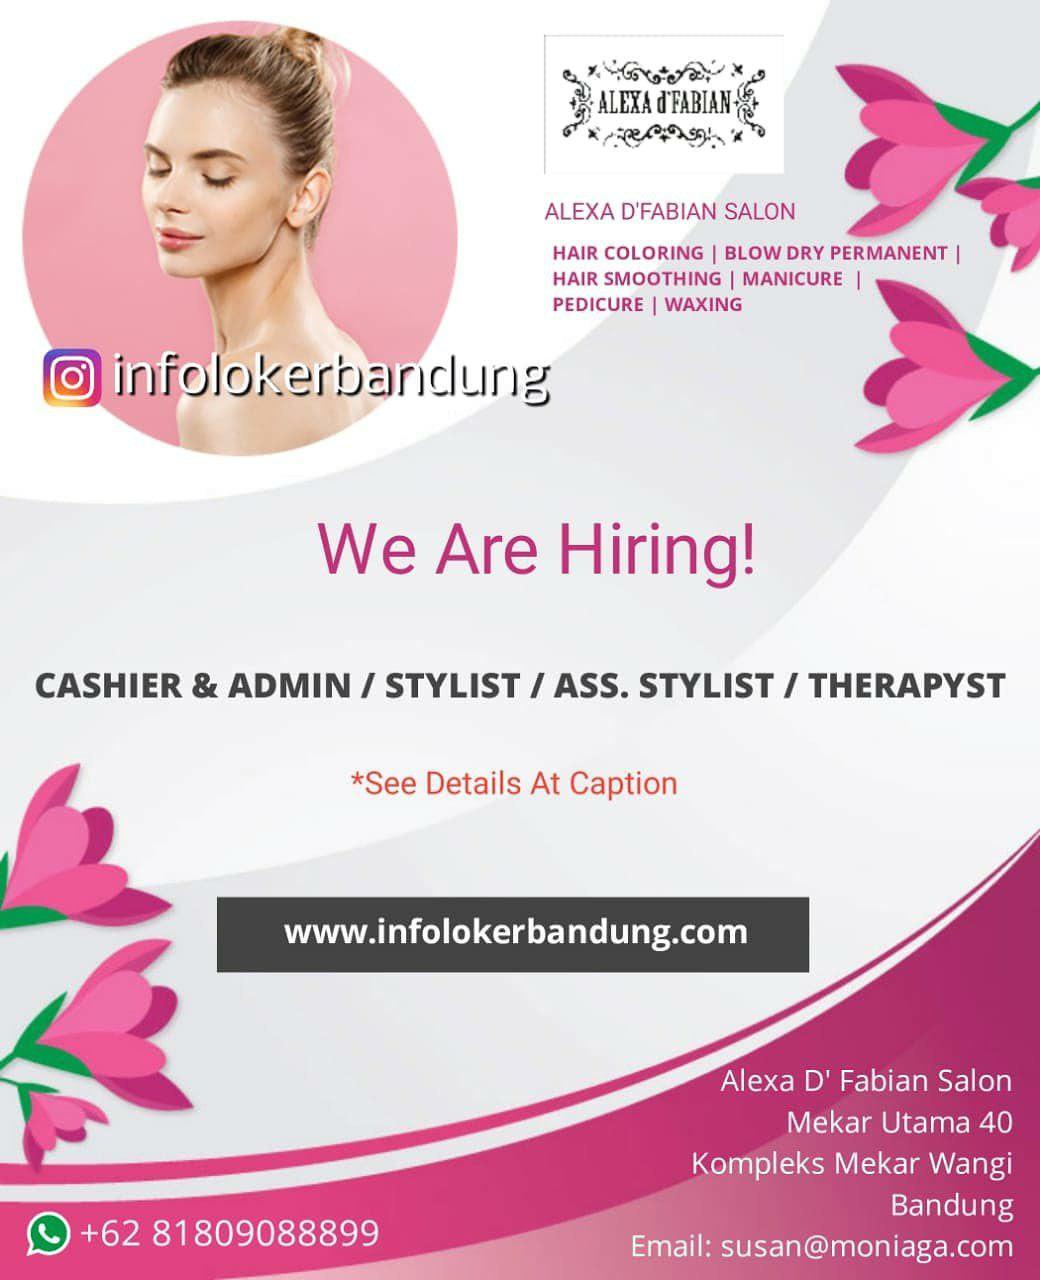 Lowongan Kerja Alexa D'Fabian Salon Bandung Agustus 2018